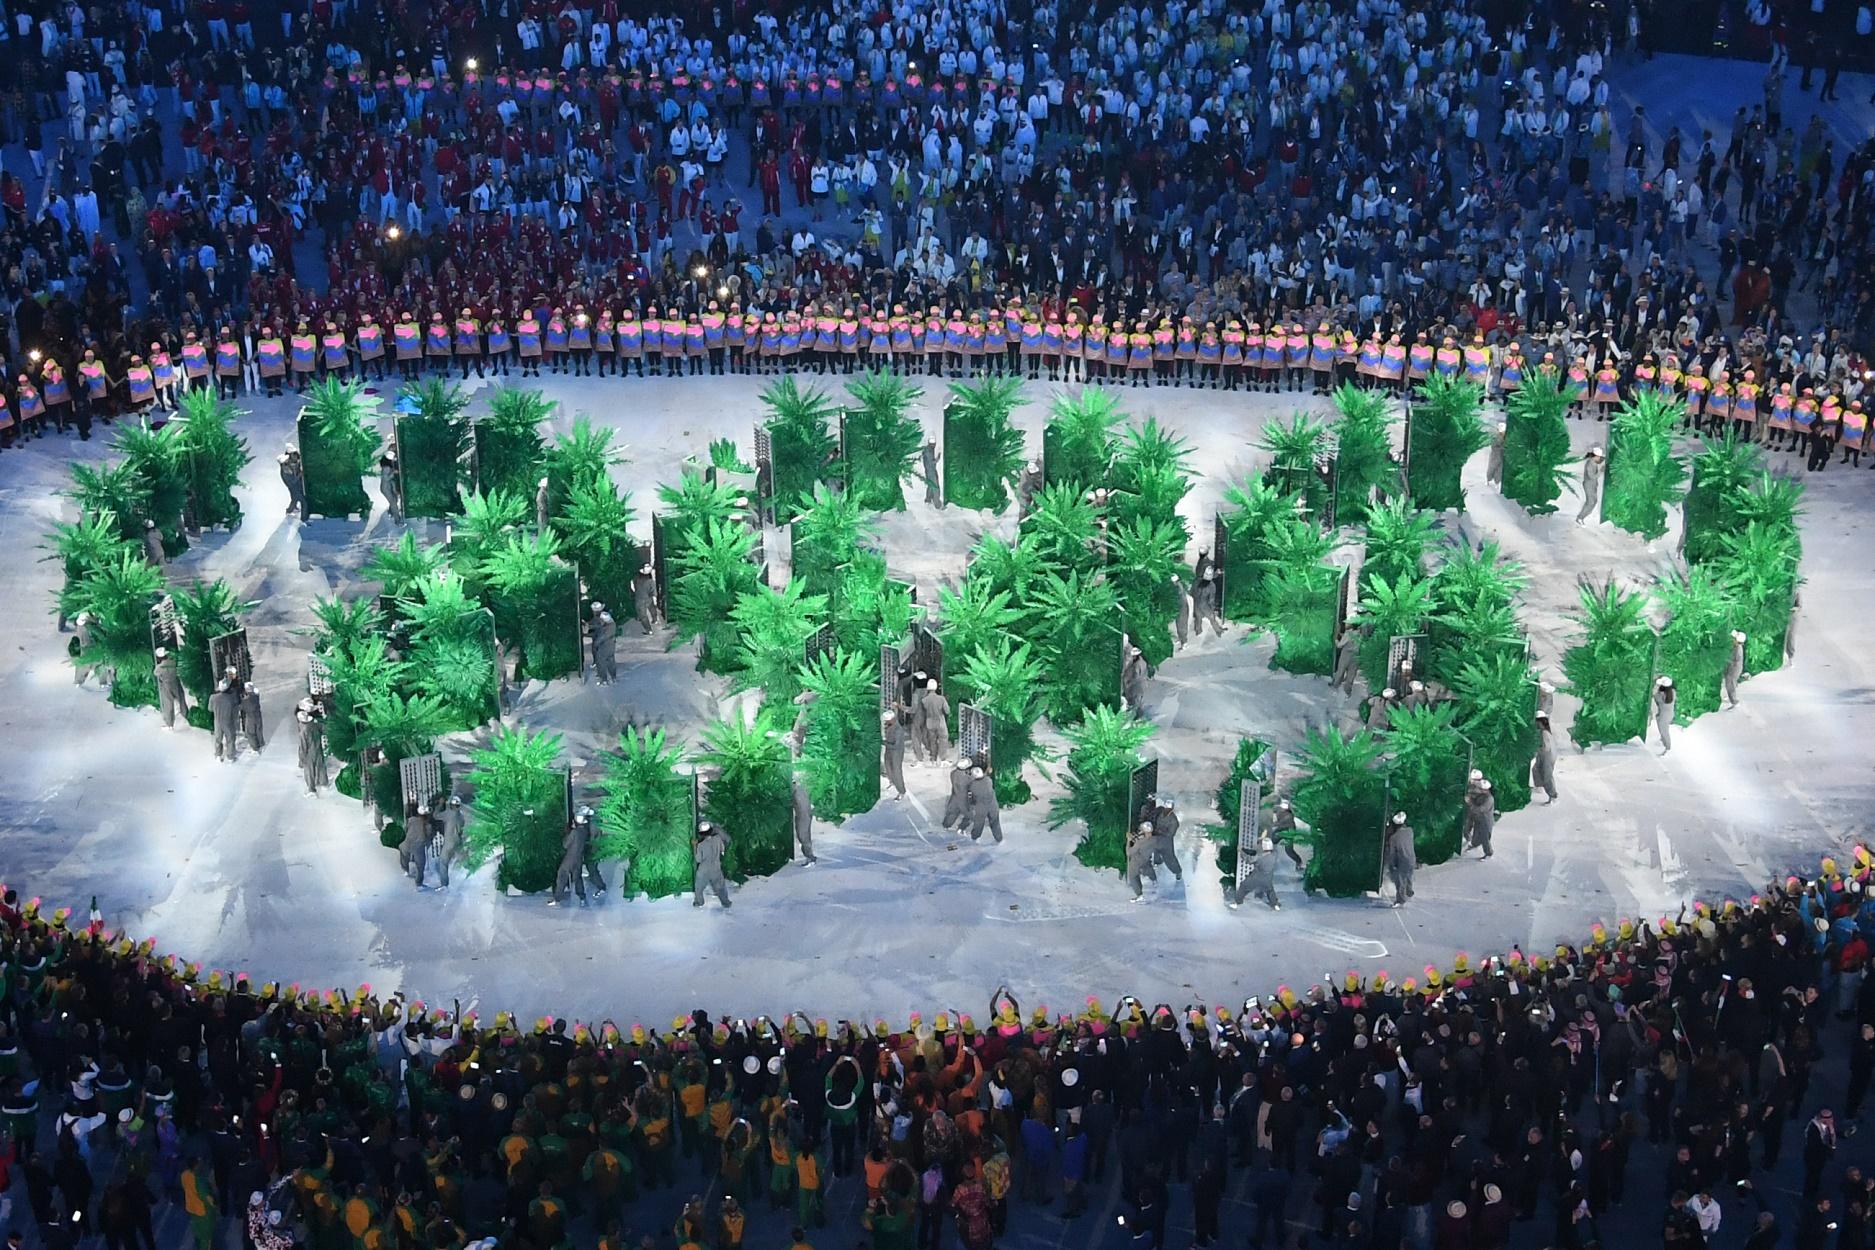 O verde da cerimônia de abertura dos Jogos Olímpicos não se refletiu no resto da cidade. Foto de Antonin Thuillier/AFP